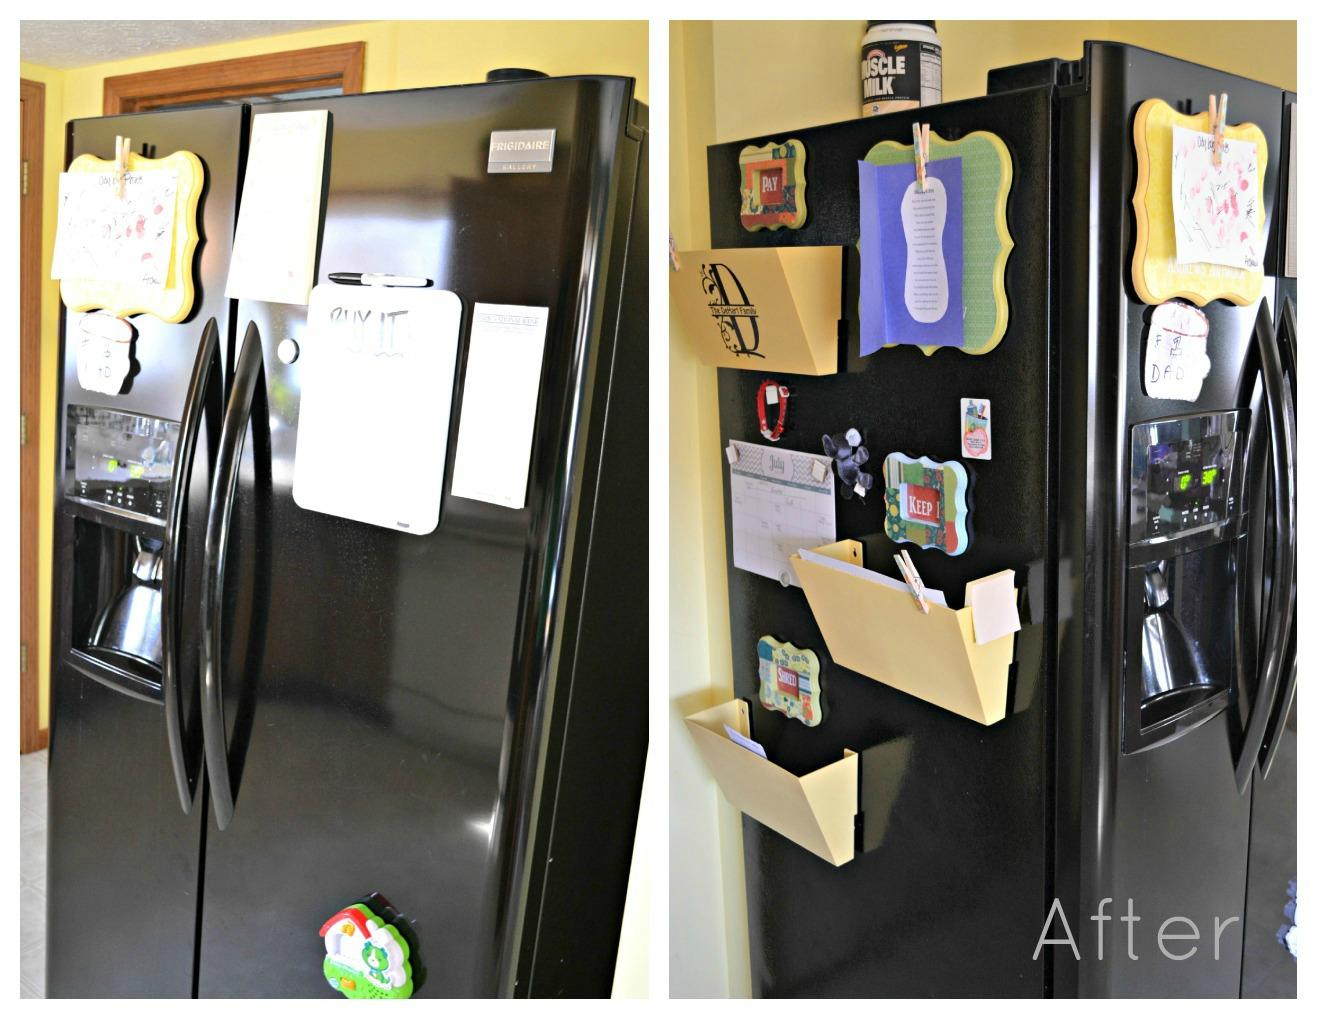 Berühmt Pimp ton frigo ! HomeServe conseils PL52